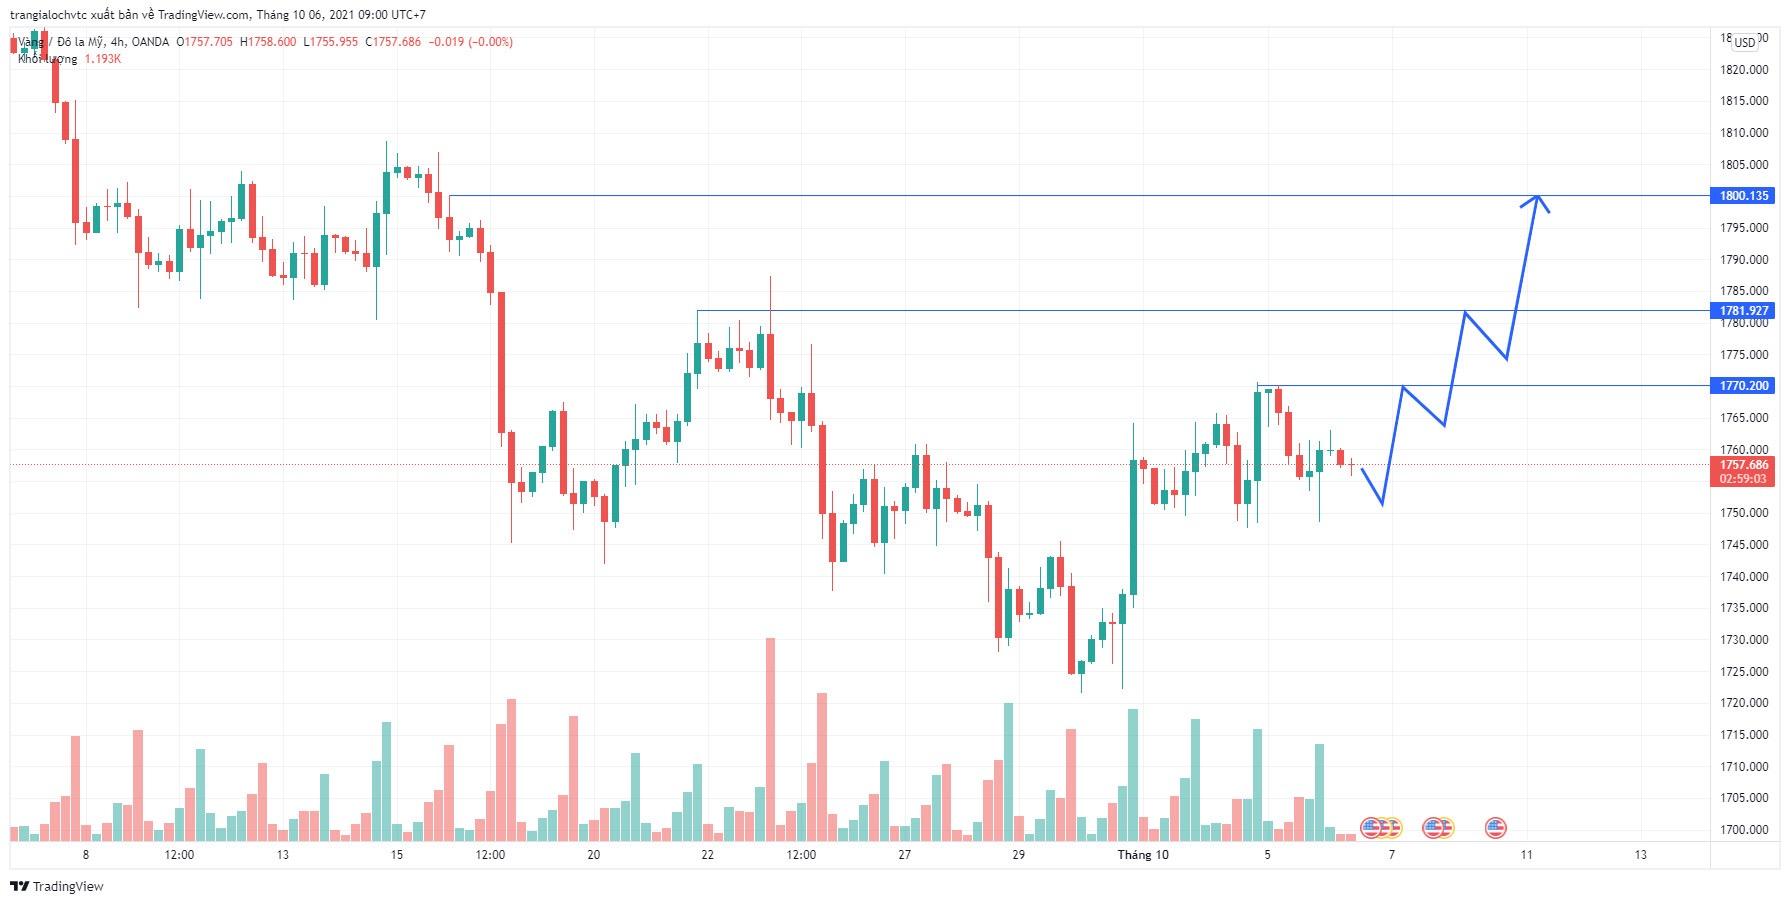 Phân tích giá XAU/USD: GOLD vẫn đang theo phân tích tuần cho một nhịp tăng dài hạn lên mức 1800 USD/oz